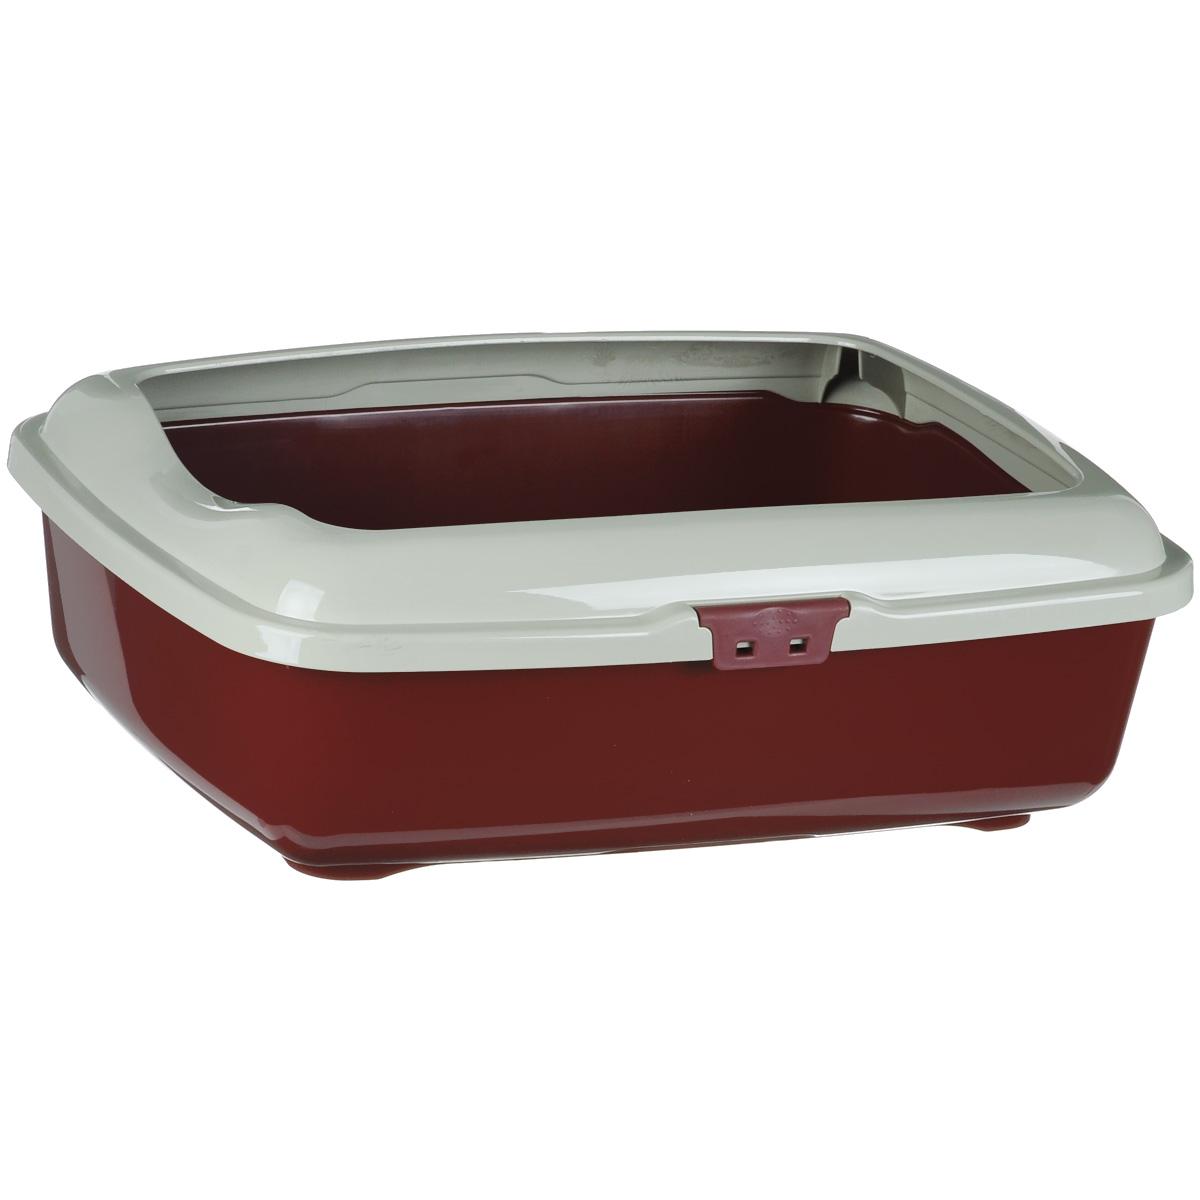 Туалет для кошек Marchioro Goa, с бортом, цвет: бордовый, бежевый, 48,5 см х 36 см х 16 см1066100300099Туалет для кошек Marchioro Goa изготовлен из высококачественного итальянского пластика с полированной поверхностью. Высокий борт, прикрепленный к периметру лотка, удобно защелкивается и предотвращает разбрасывание наполнителя. Благодаря специальным резиновым ножкам туалет не скользит по полу.